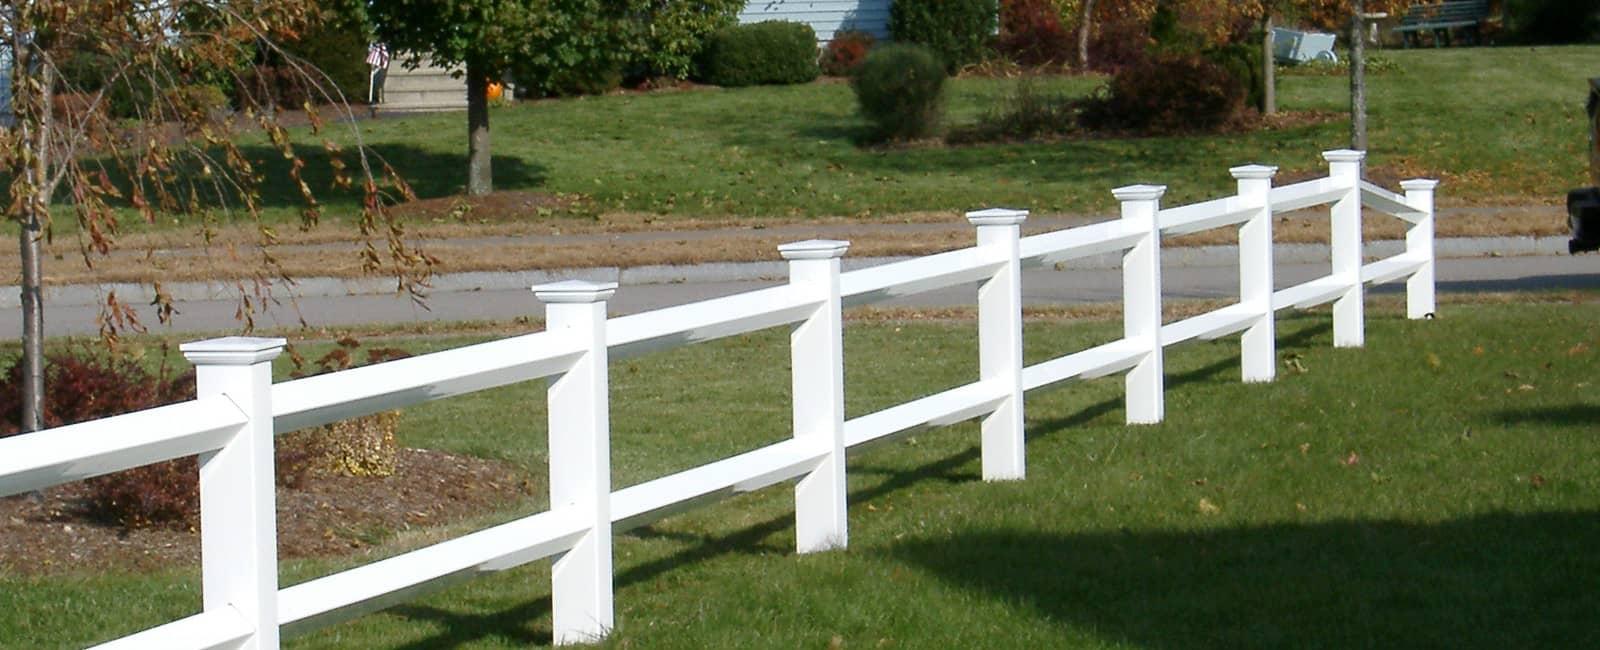 Vinyl / PVC Fence